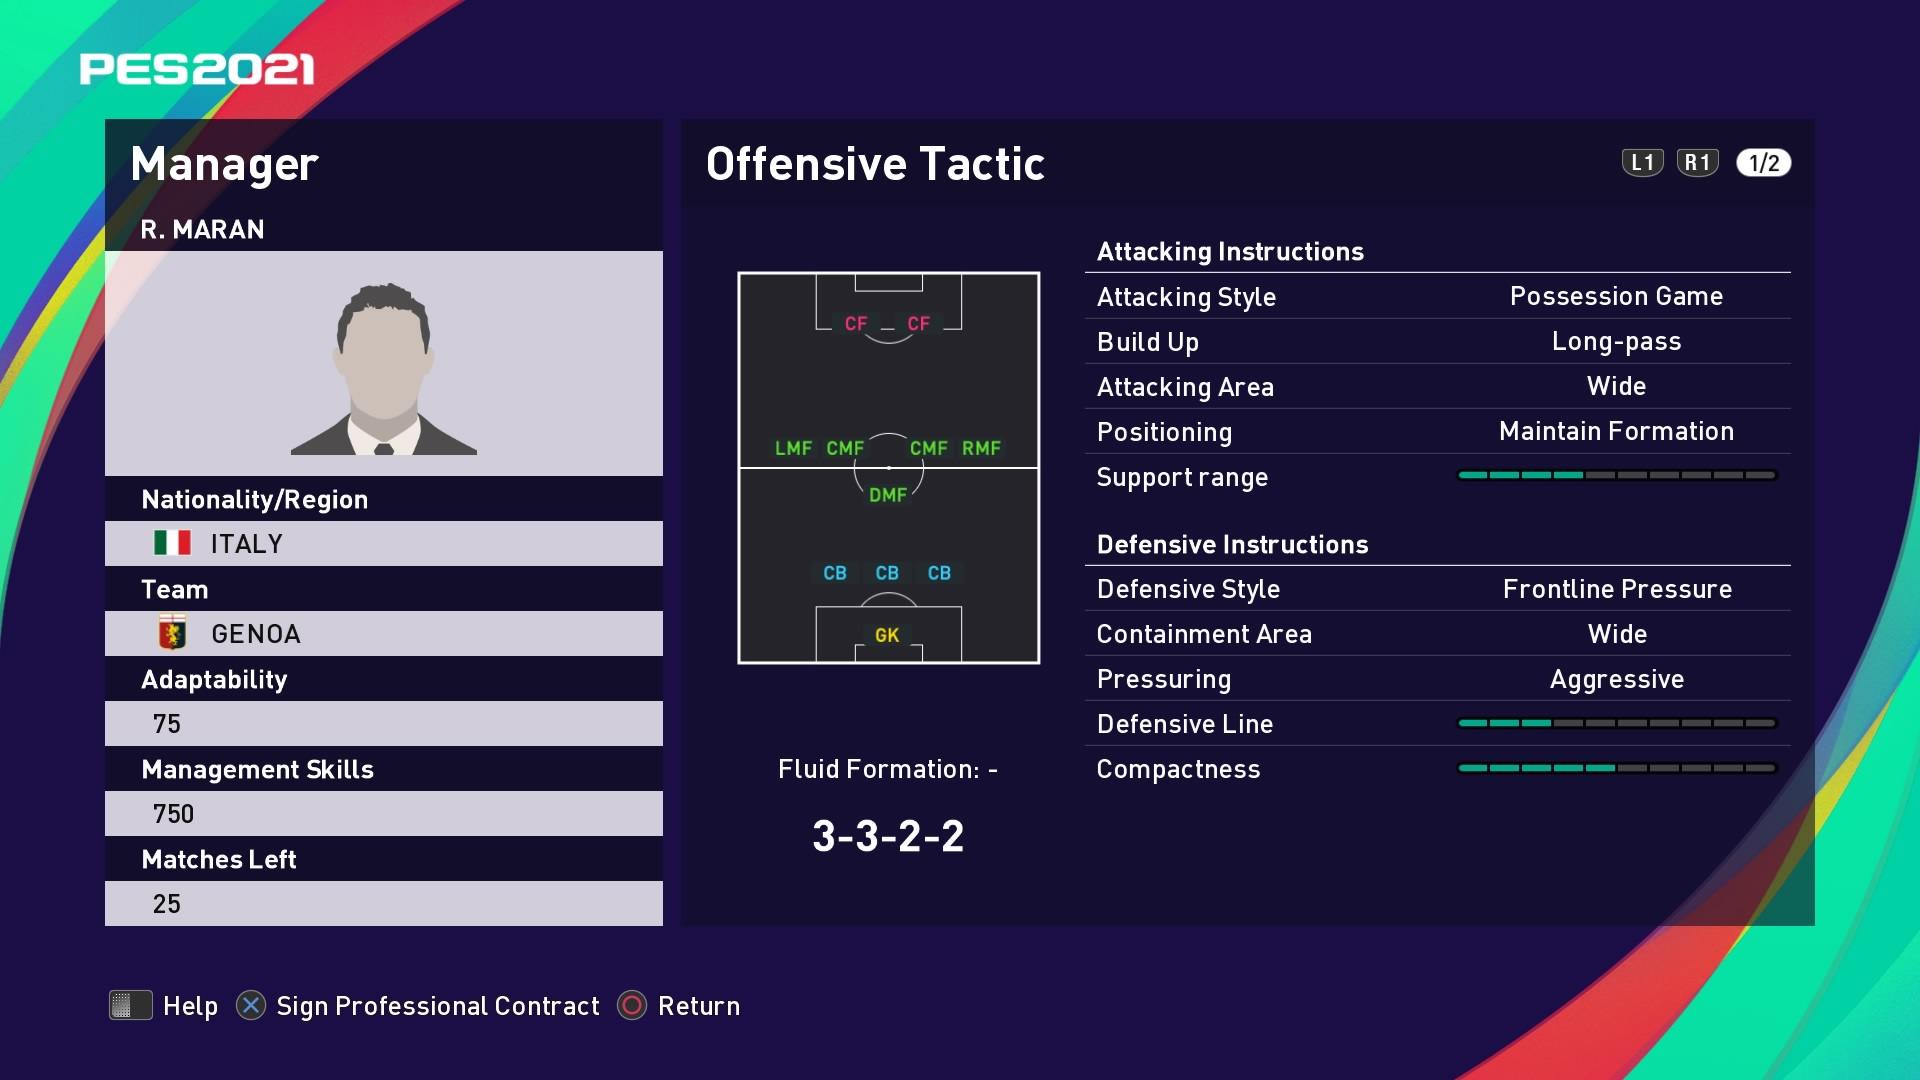 R. Maran (Rolando Maran) Offensive Tactic in PES 2021 myClub